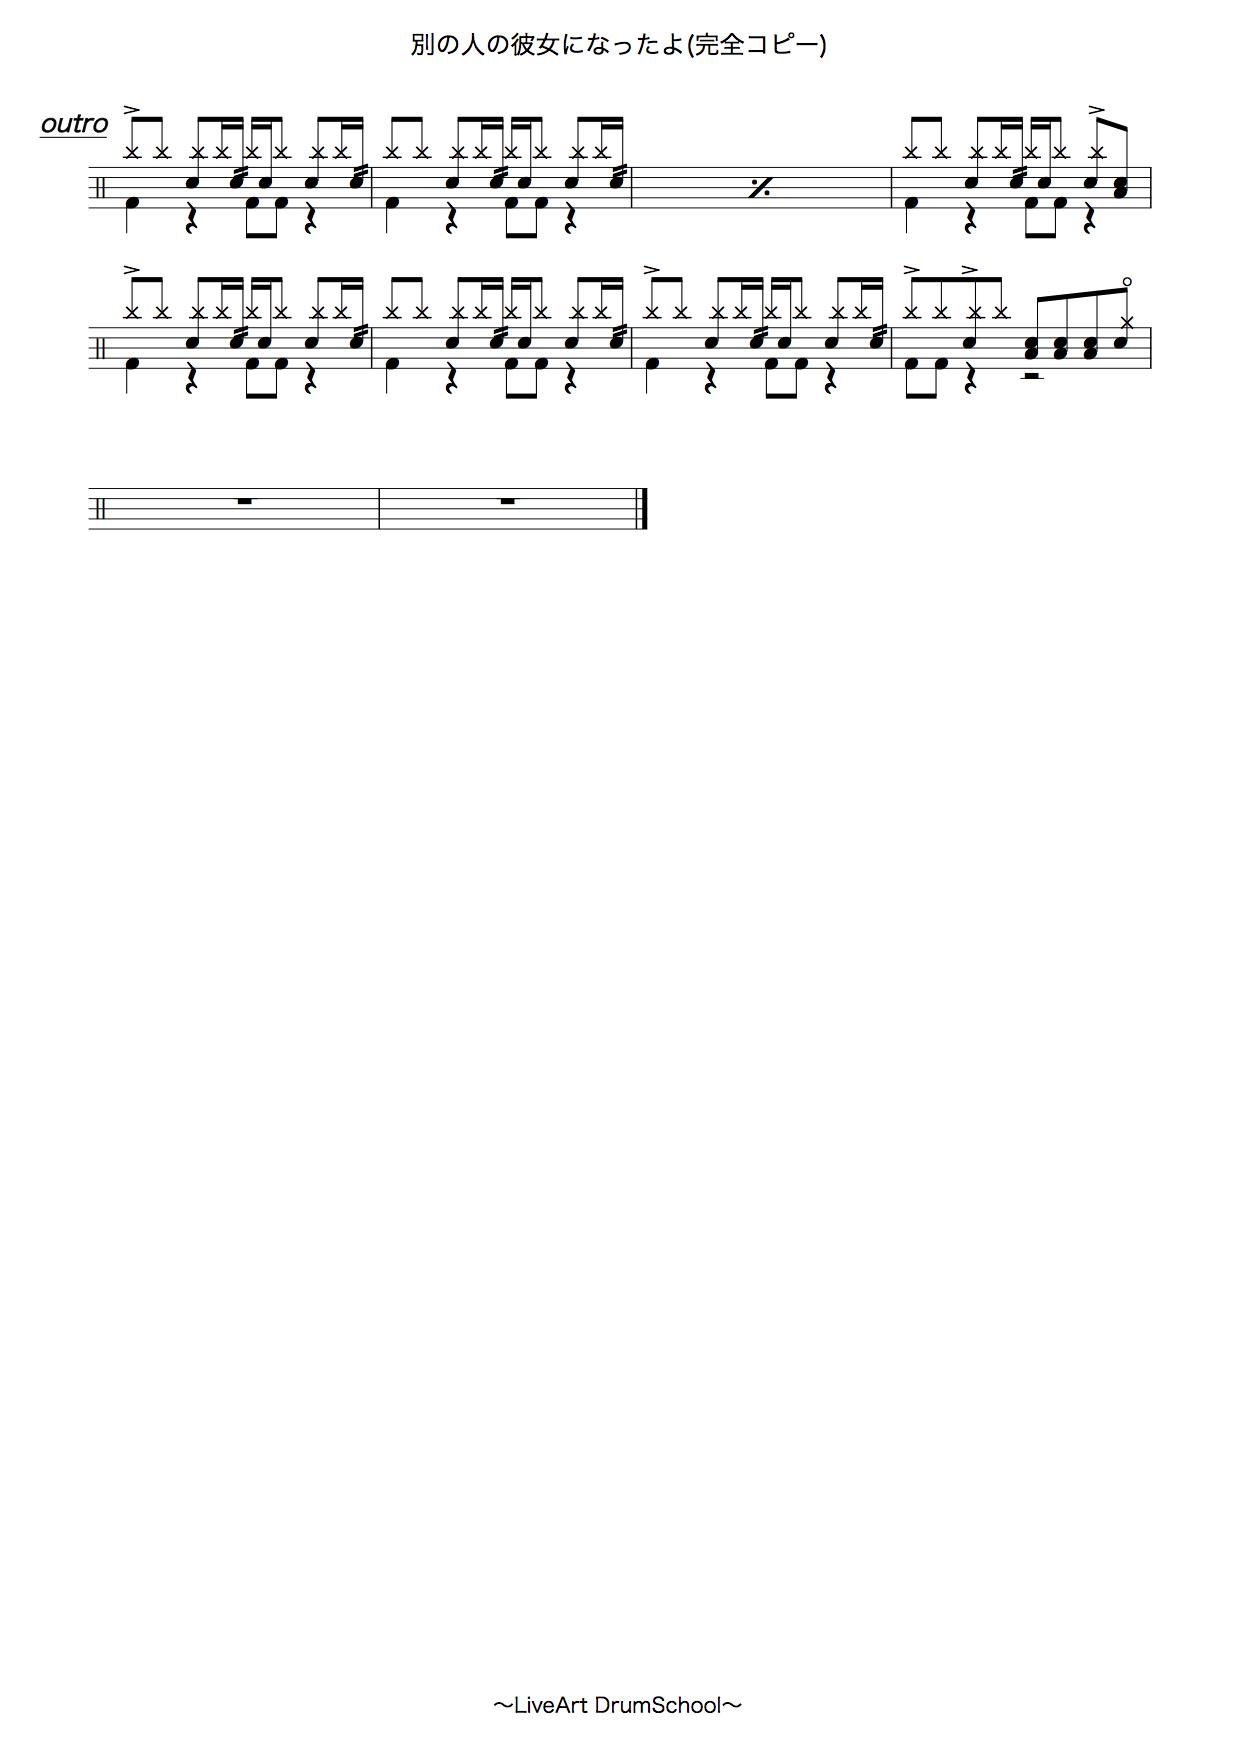 別の人の彼女になったよ・完全コピードラム譜面3